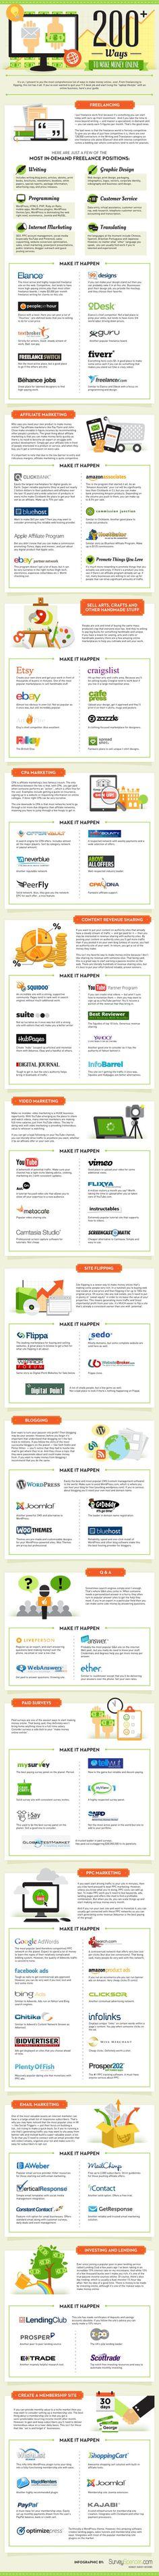 200 ways to make money online -#infographic #internet #makemoney #online